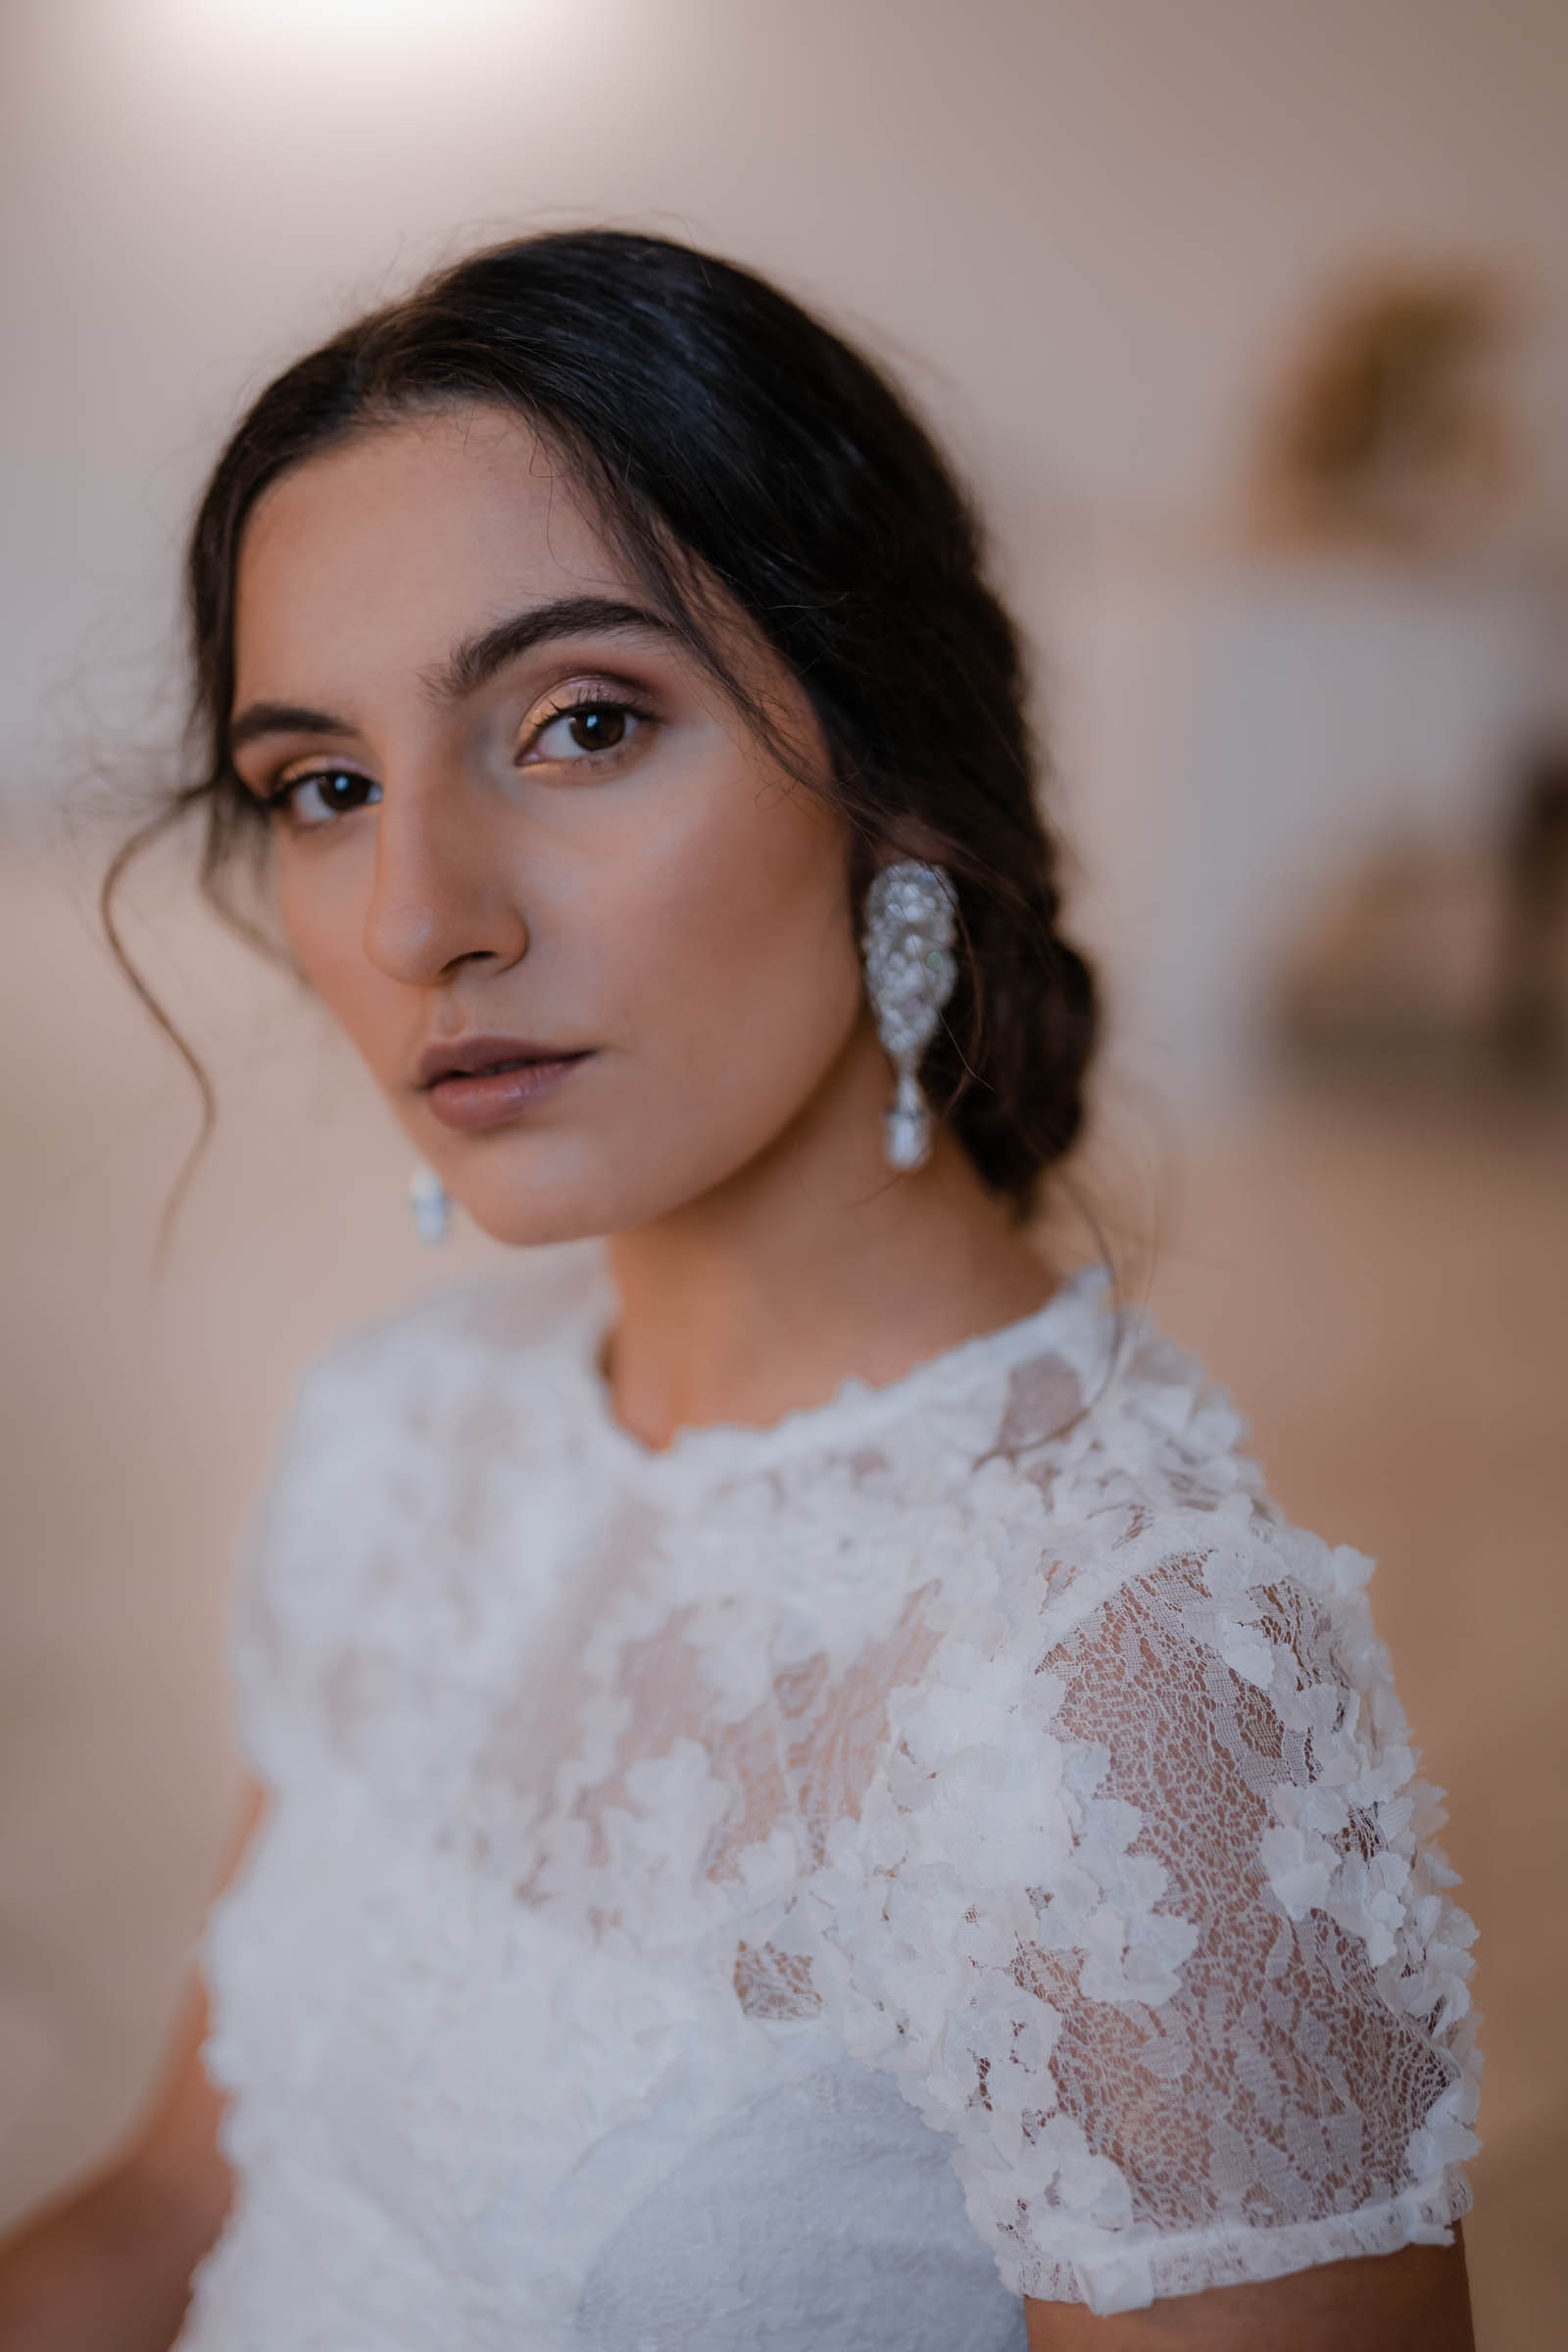 boho-svadobne-saty-veronika-kostkova-wedding-atelier-2019-rosa-3